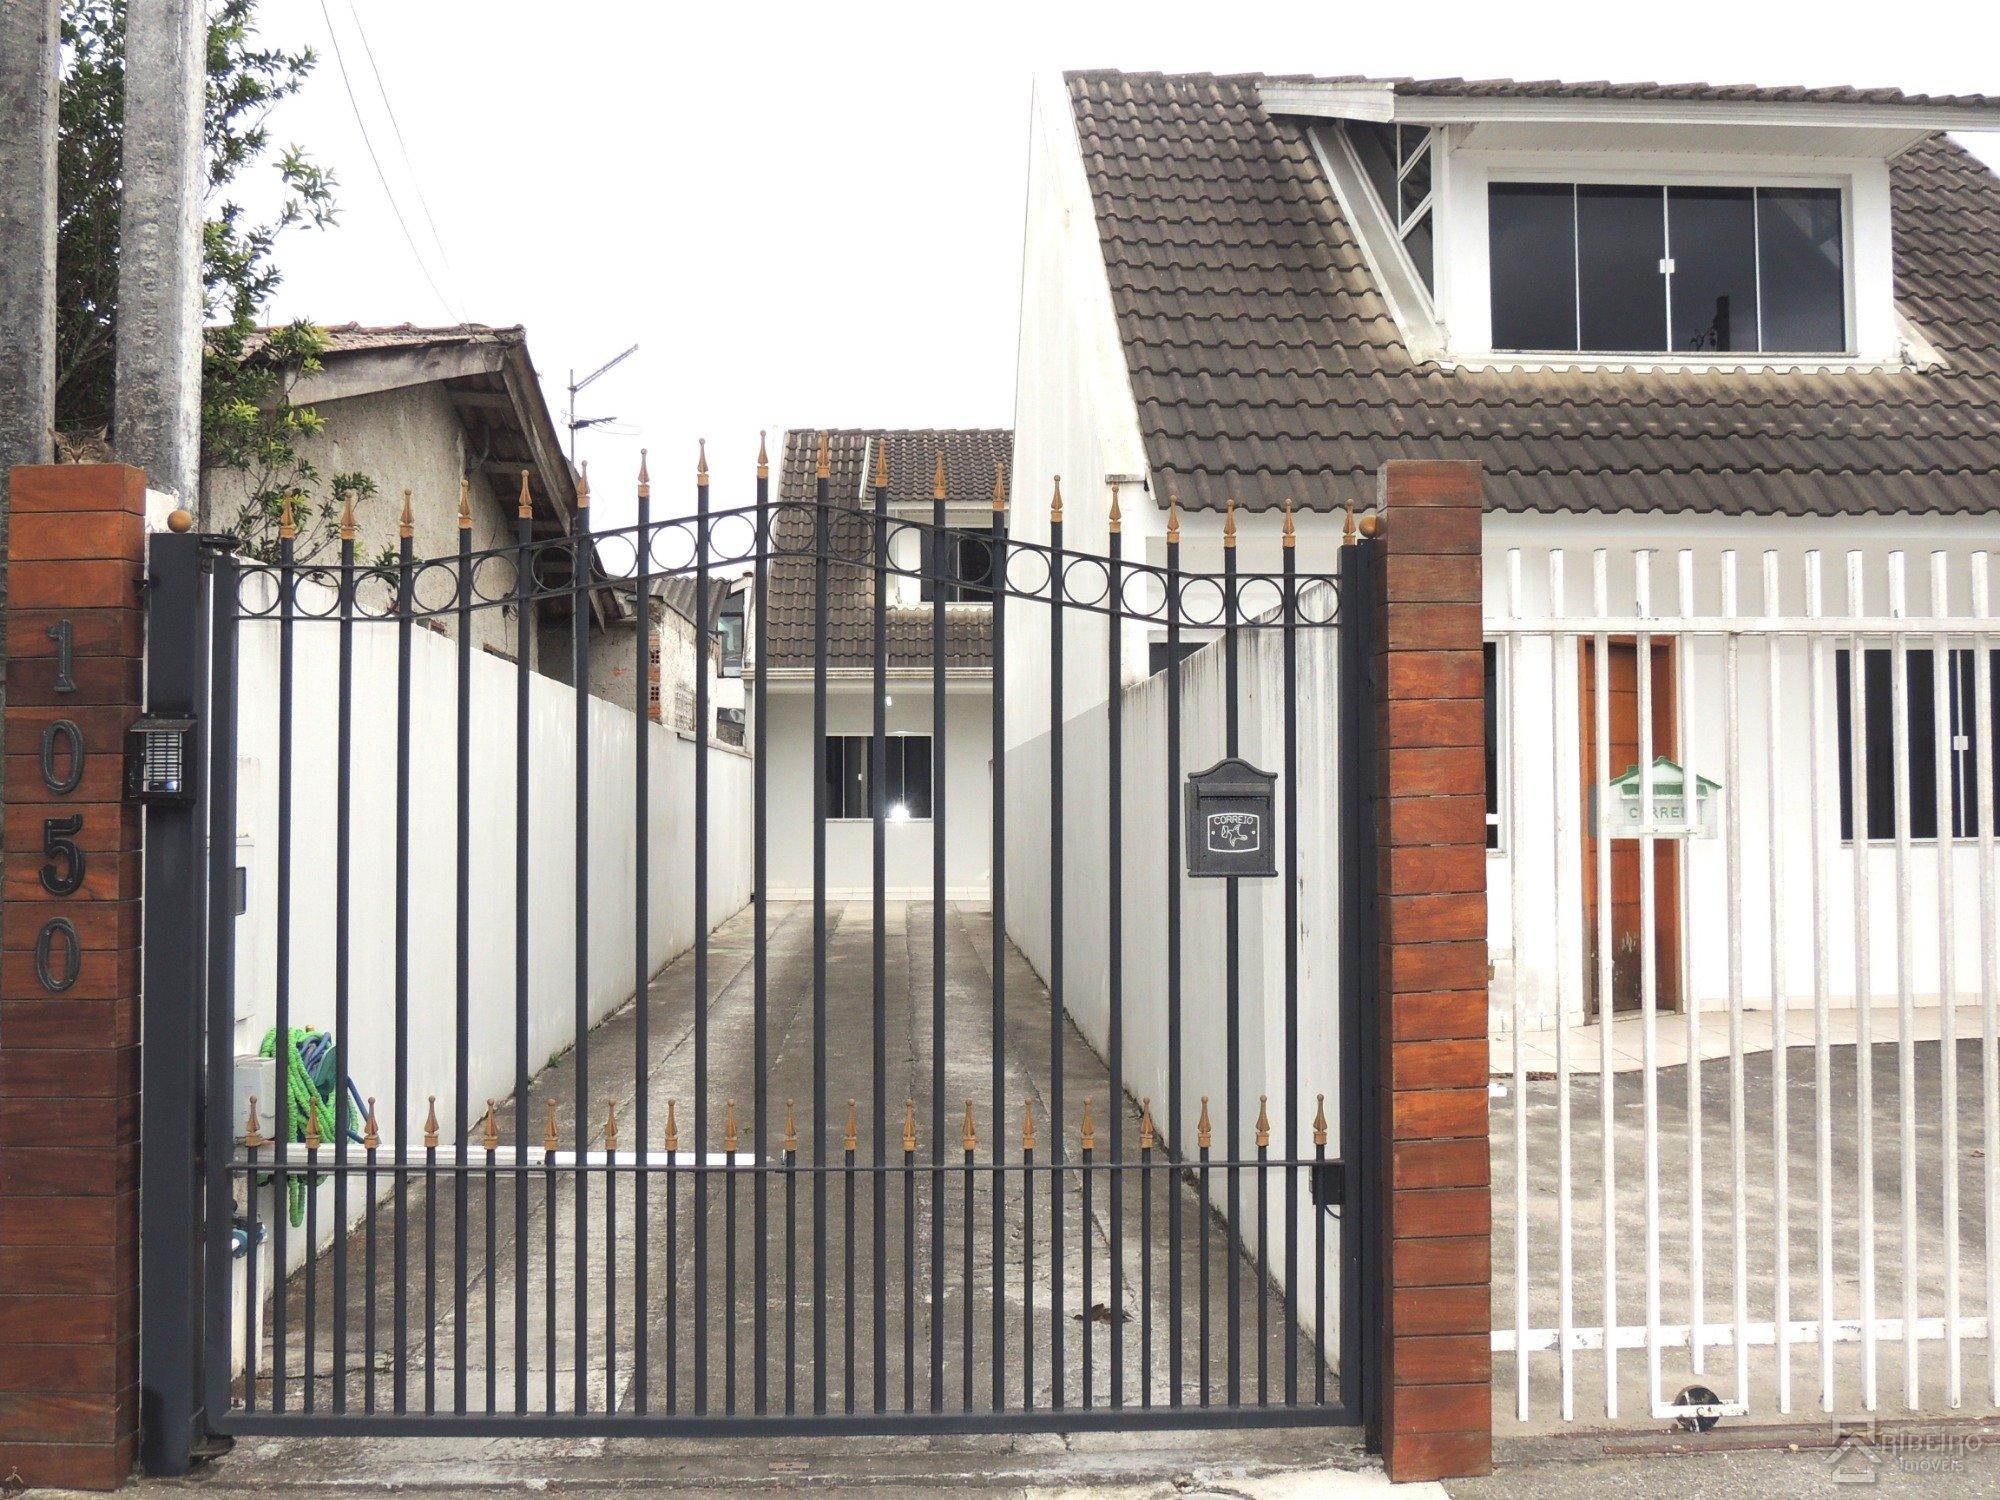 REF. 4819 -  São José Dos Pinhais - Rua  Marechal Hermes, 1050 - Casa 02